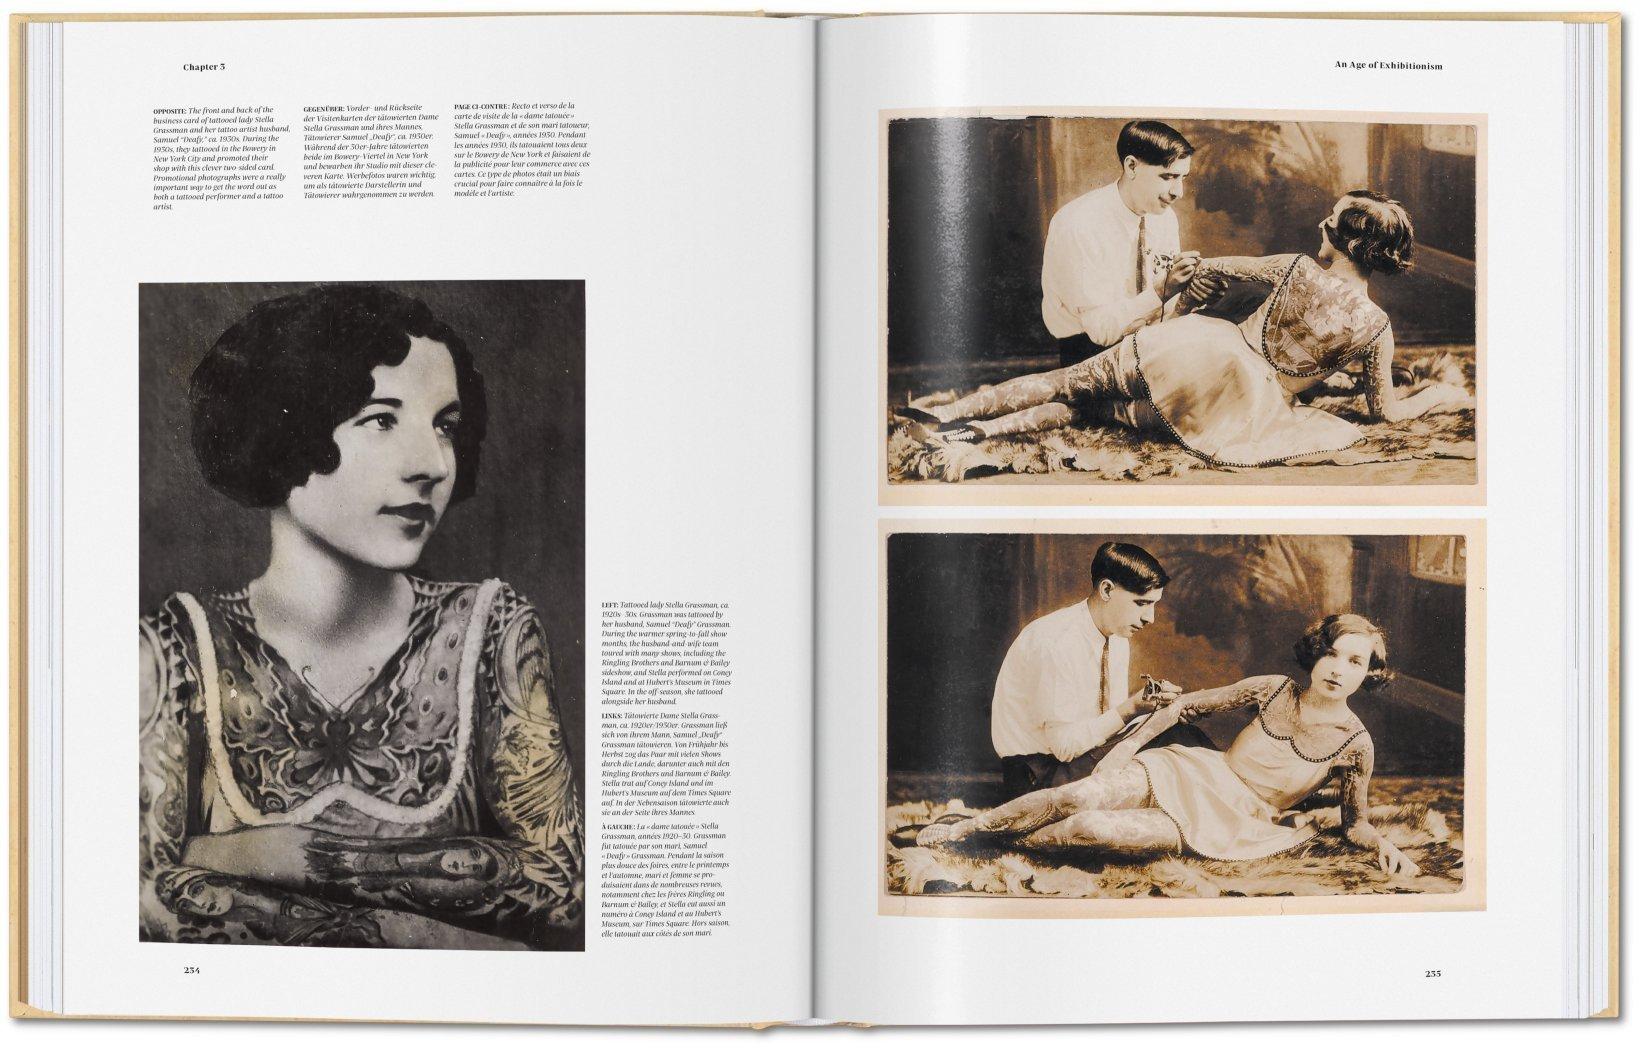 книга о татуировке немецкого издательства Taschen